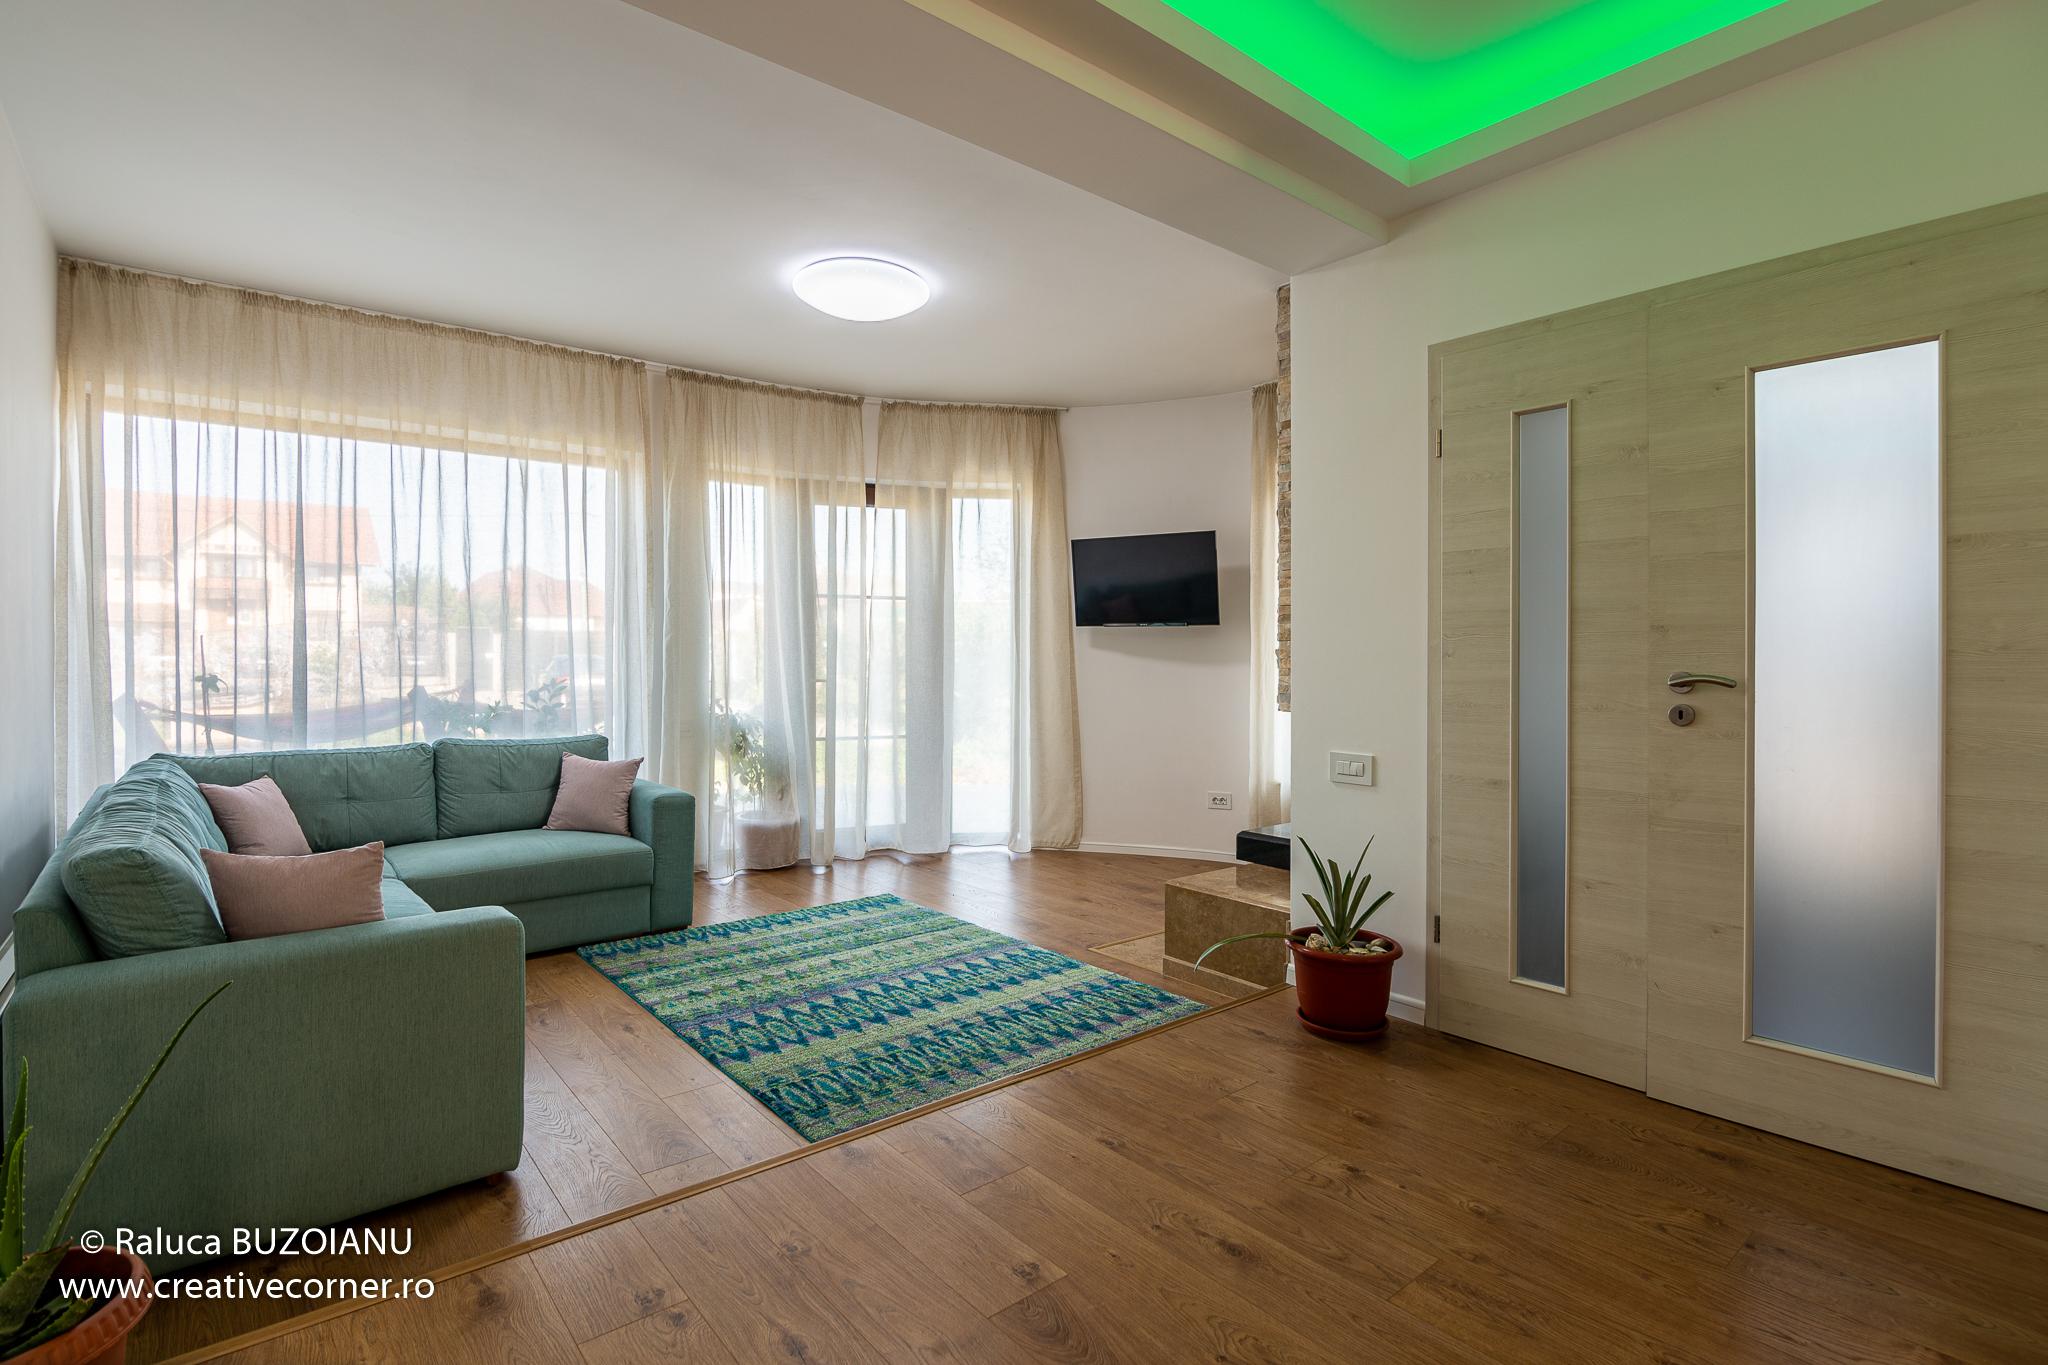 Casa-de-vanzare-Mihail-Kogalniceanu-Constanta-04